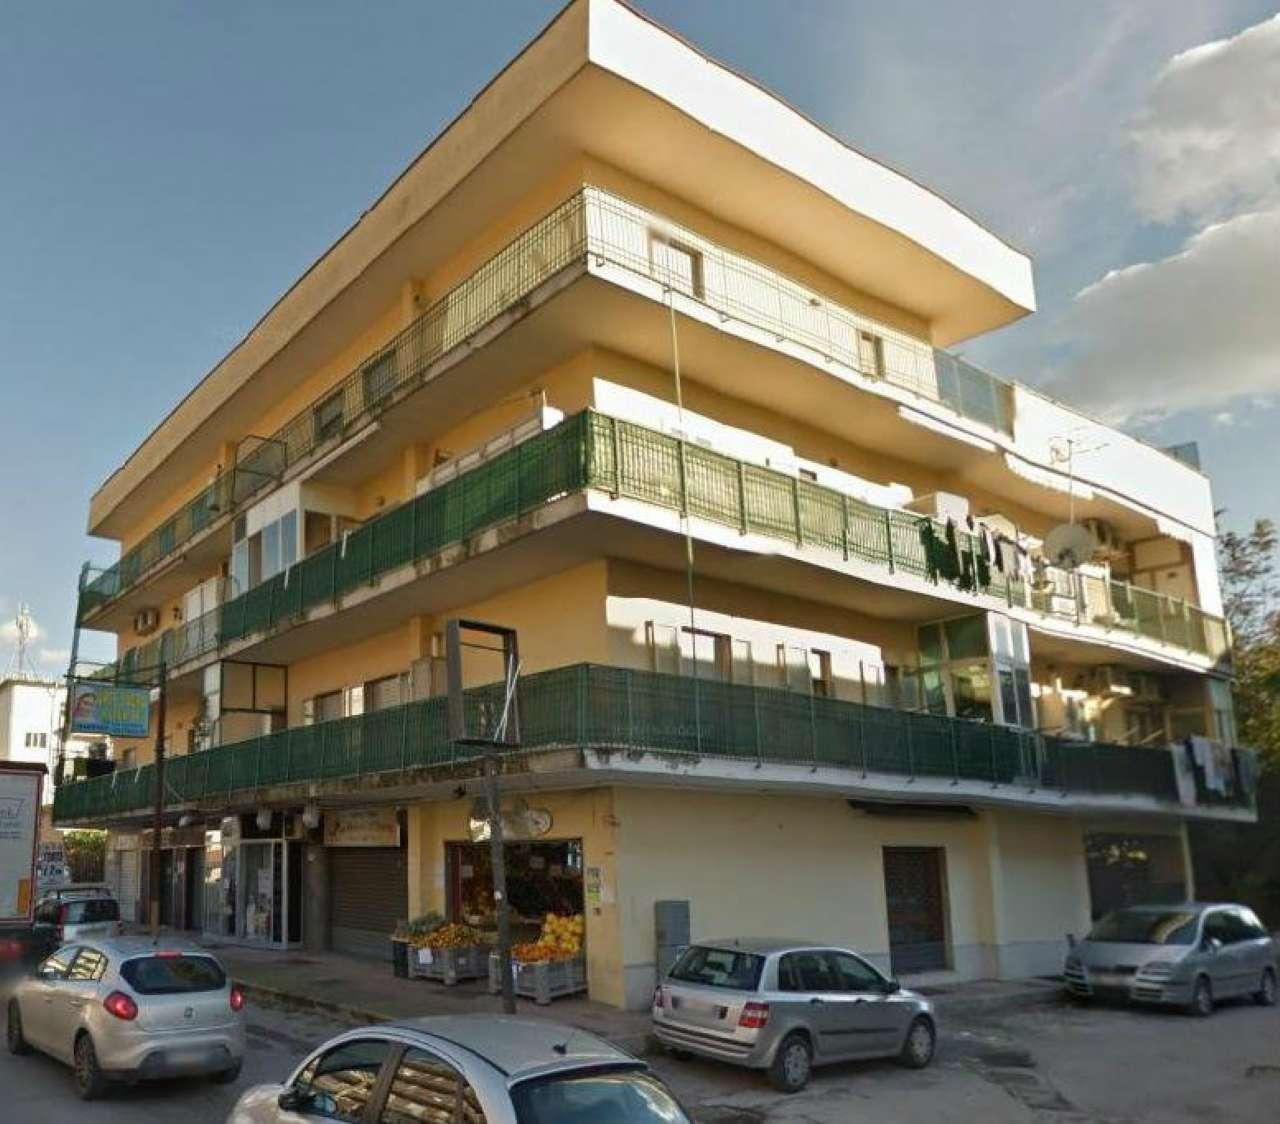 Appartamento in vendita a Santa Maria a Vico, 4 locali, prezzo € 70.000 | CambioCasa.it